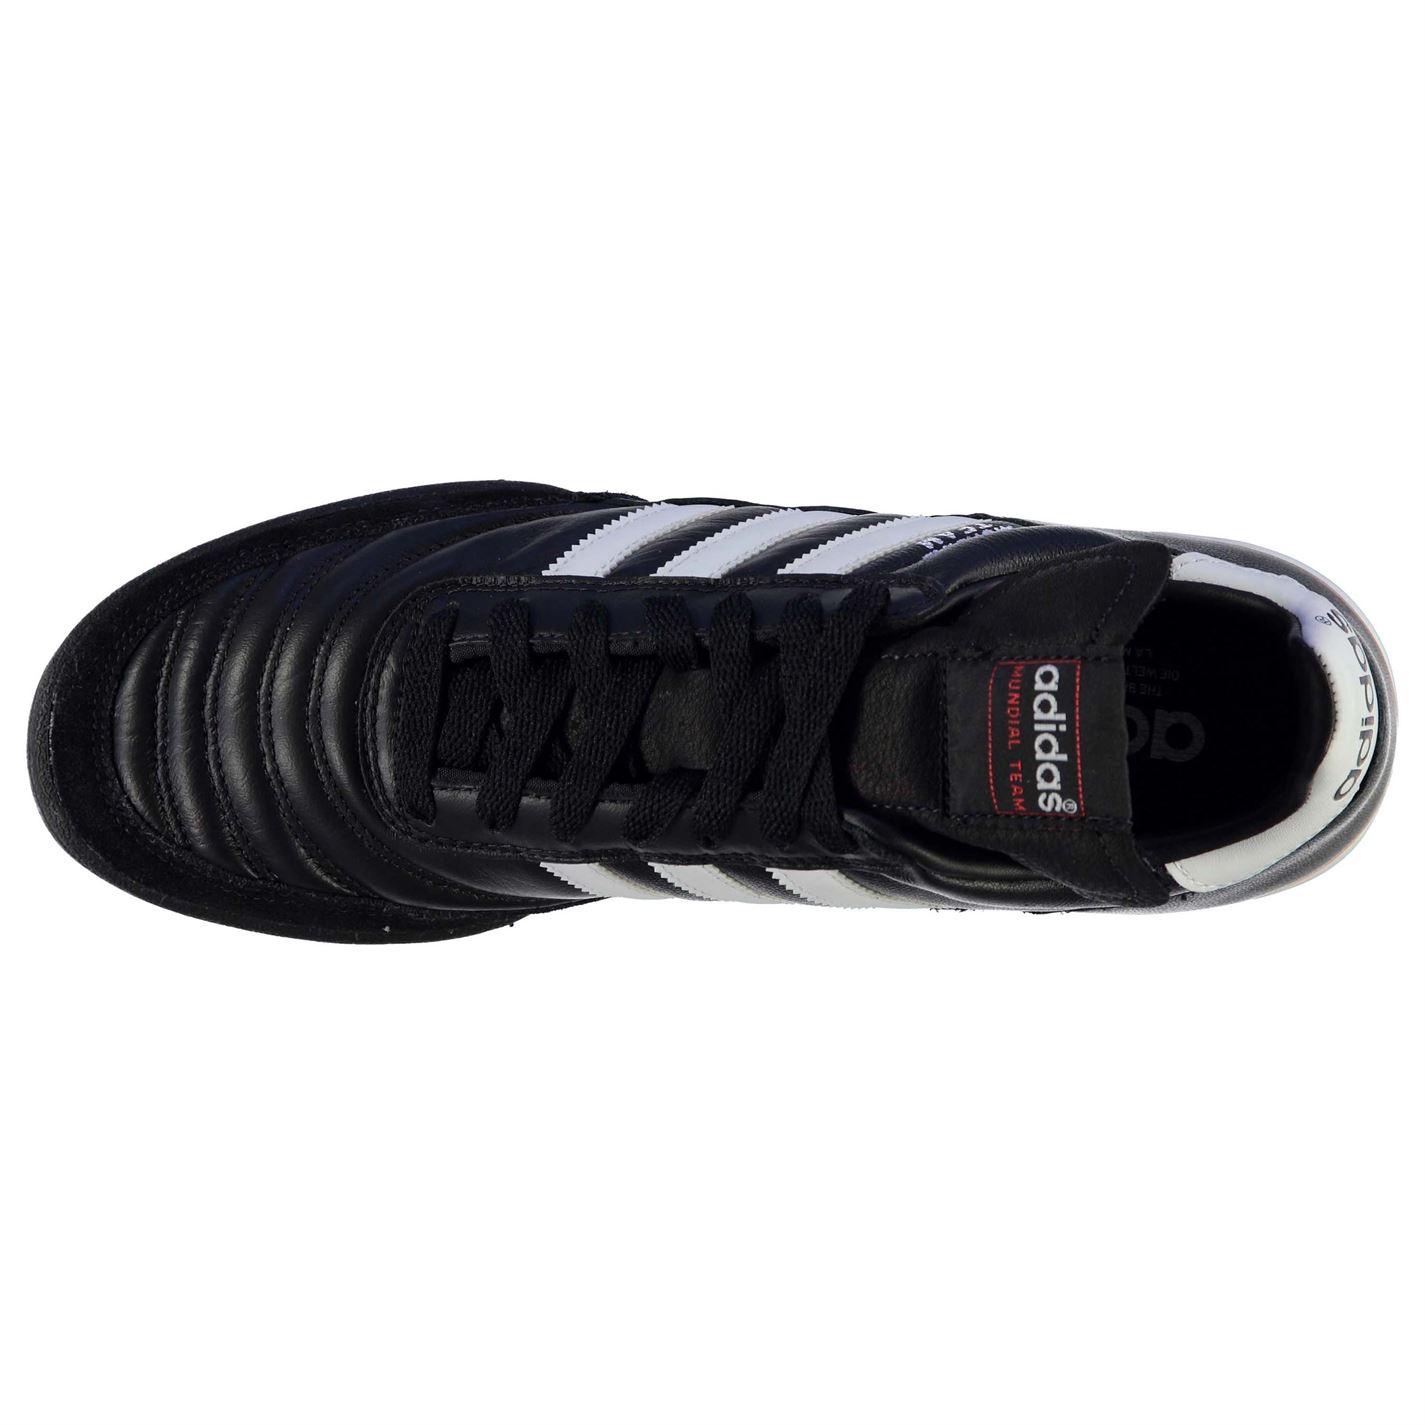 7034b0b2f685 adidas Mens Mundial Team Astro Turf Trainers Football Boots Sports ...